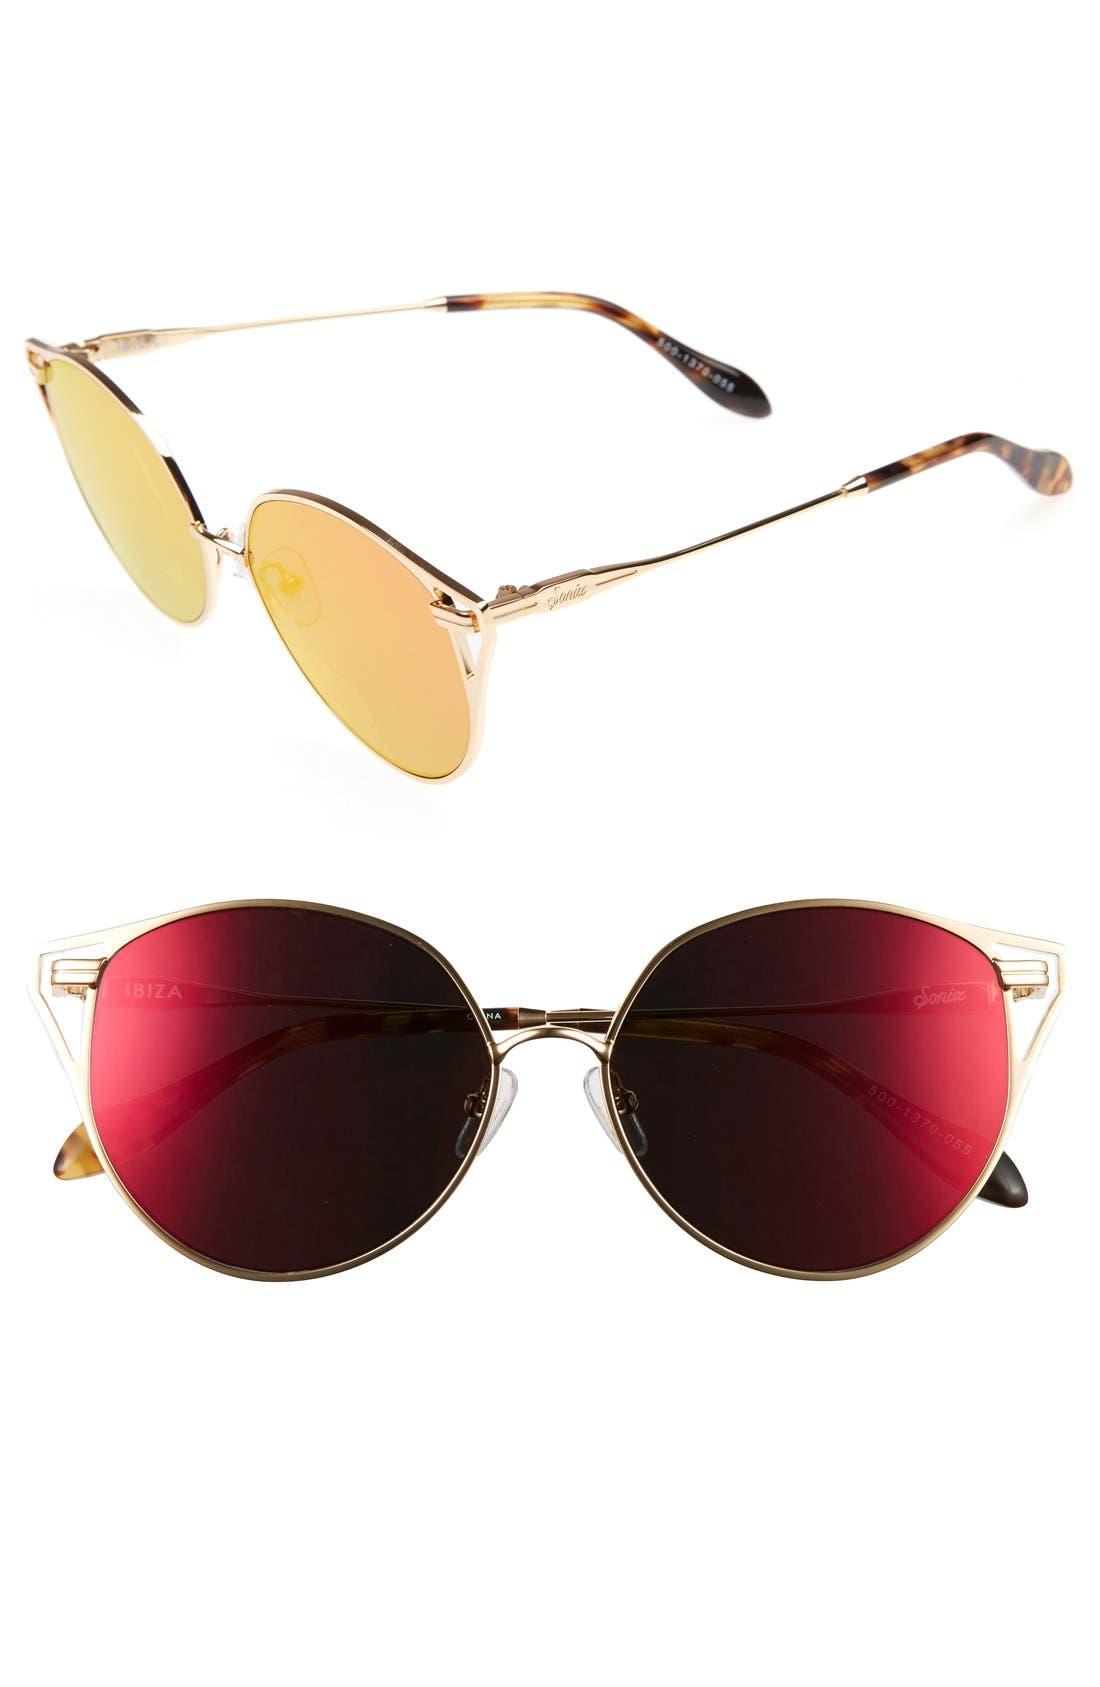 Sonix Ibiza 55mm Mirrored Round Sunglasses